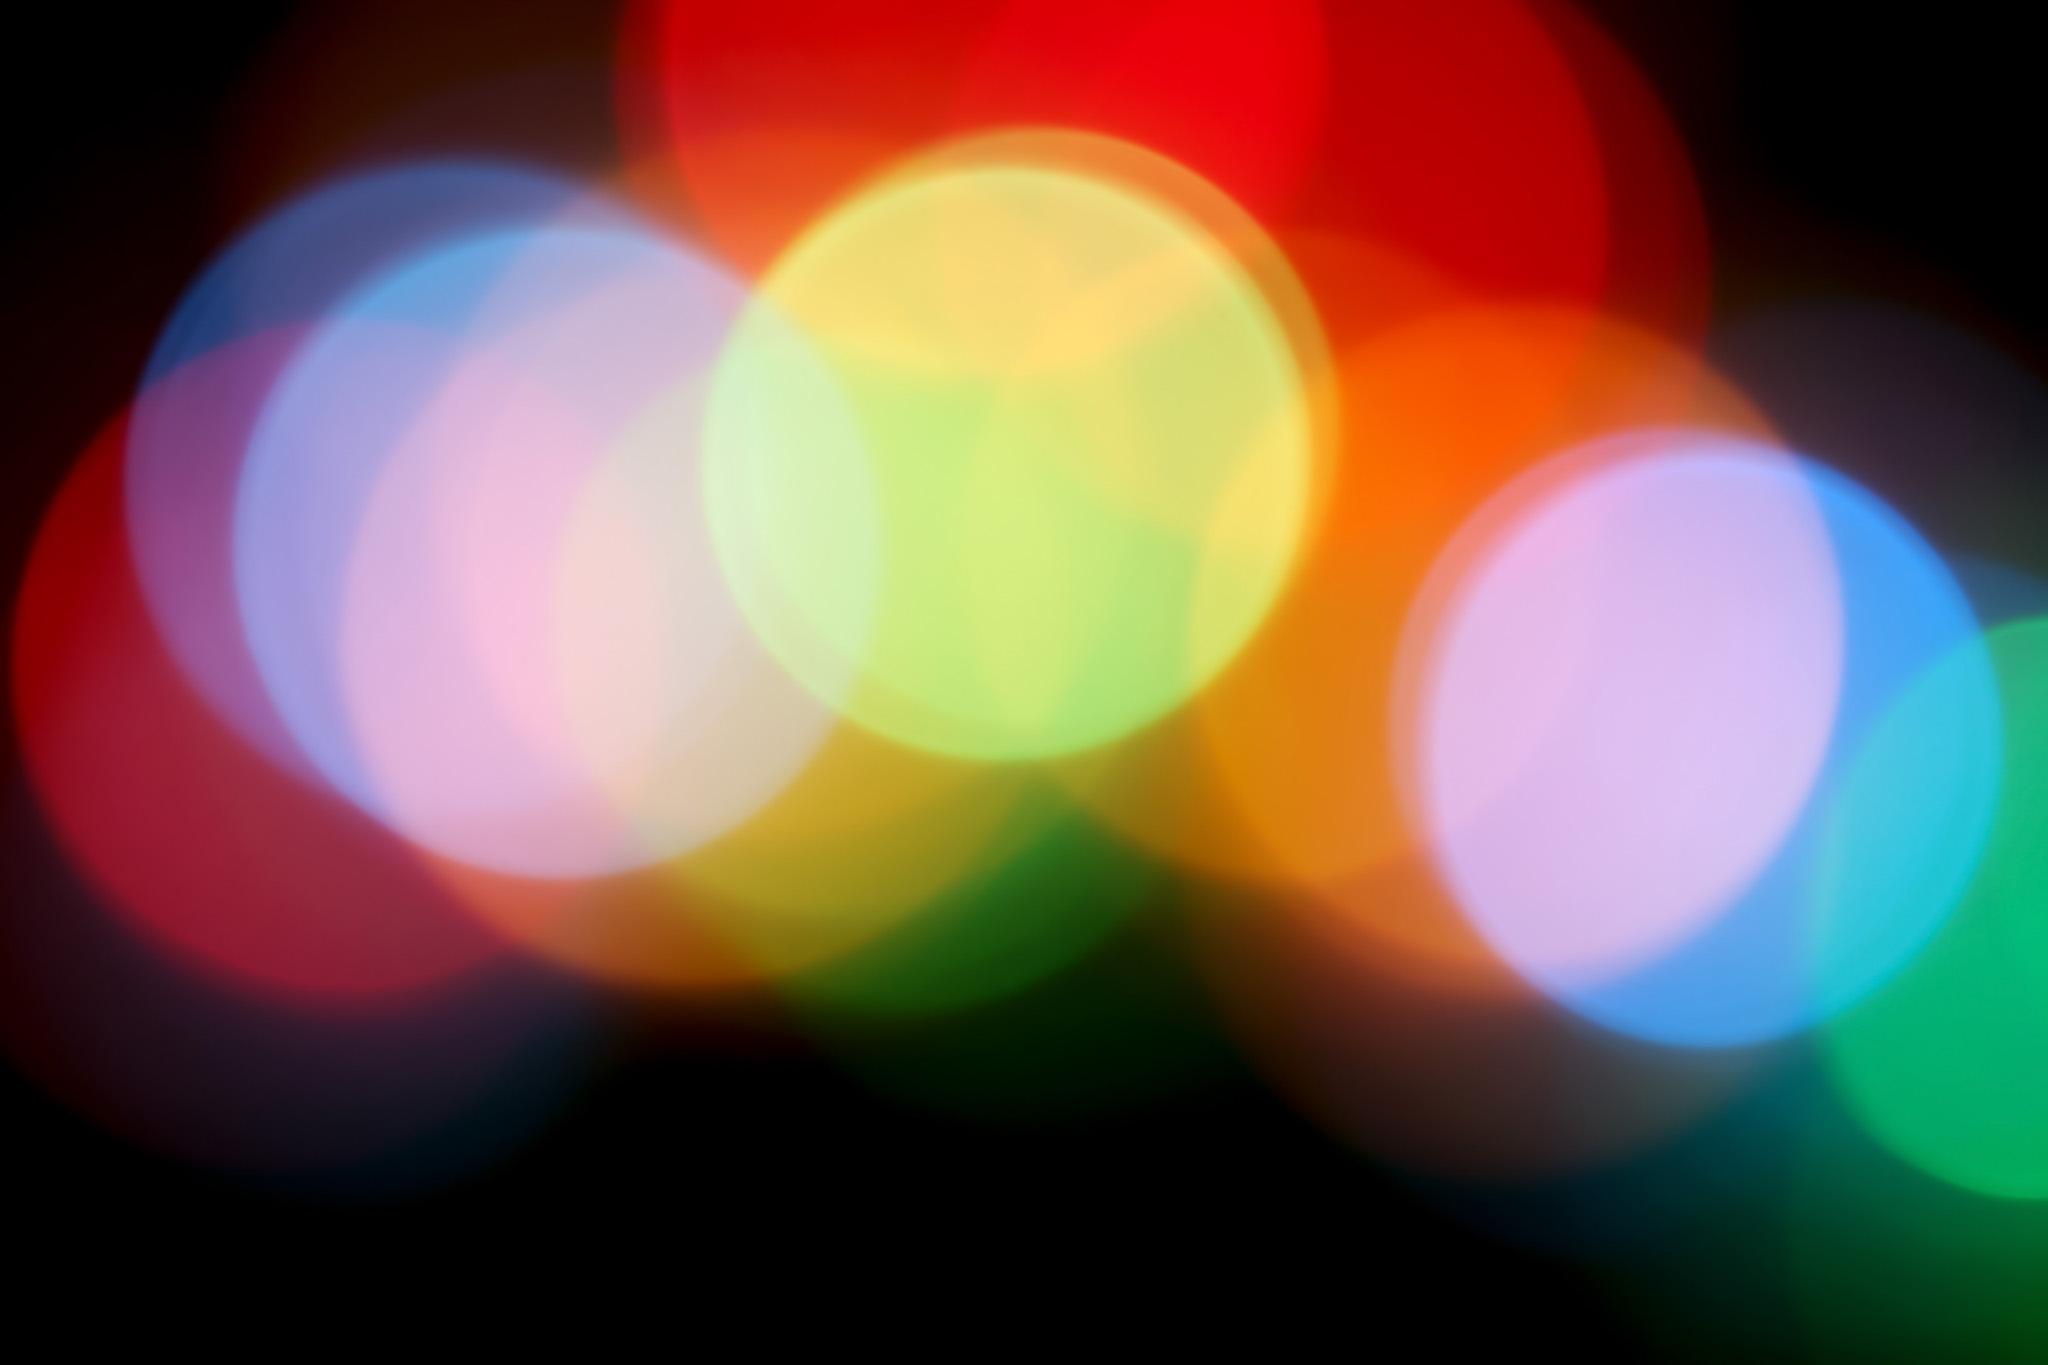 「キラキラと輝く光」